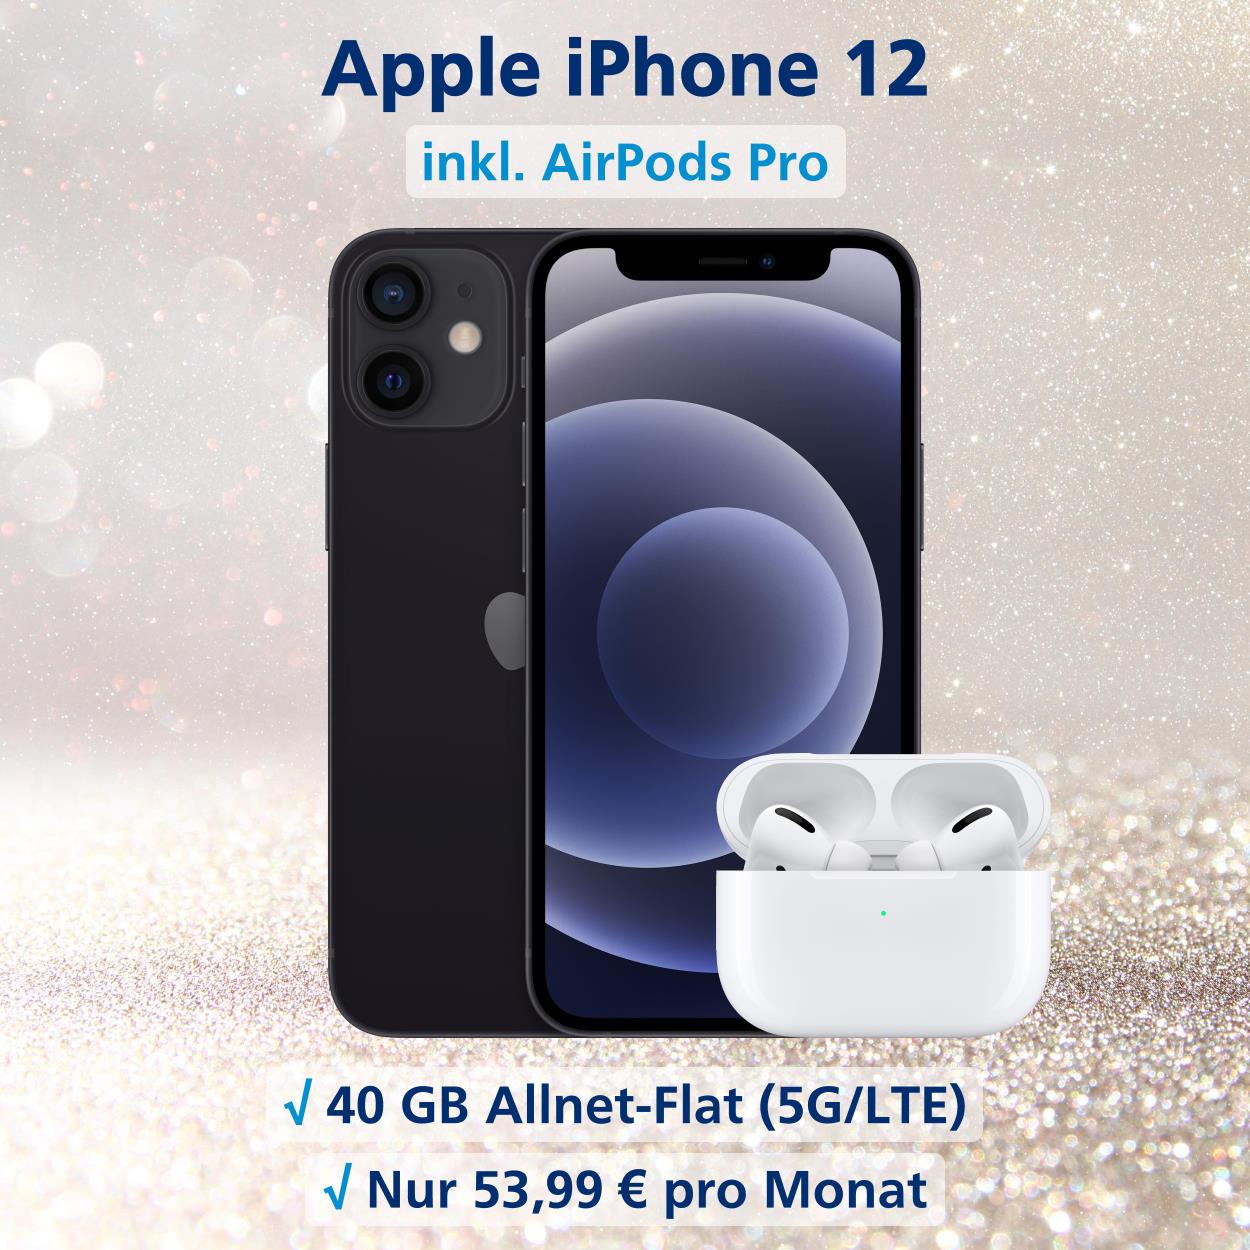 iPhone 12 inkl. AirPods Pro und 40 GB Allnet-Flat 5G LTE Die besten Handytarife